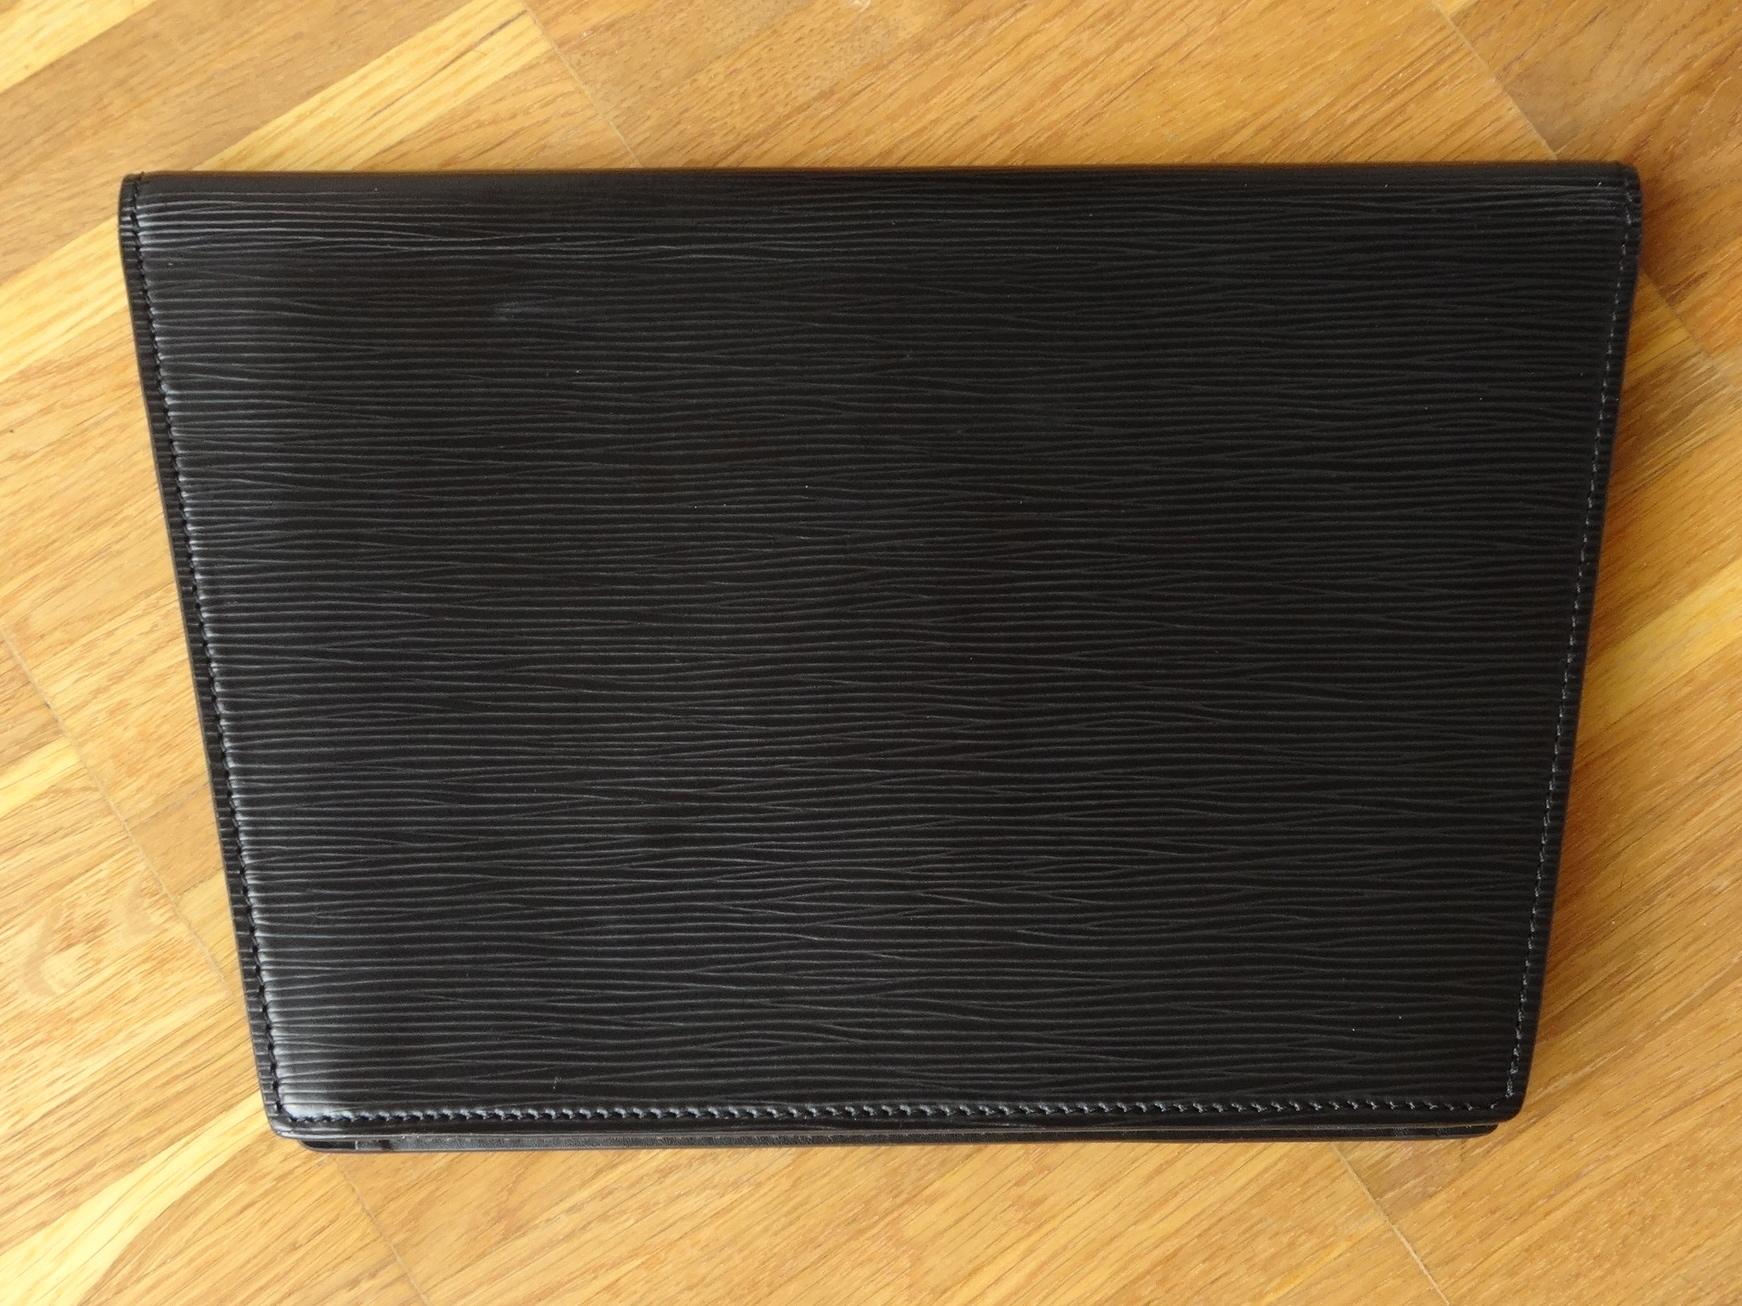 rear - LV Pochette Trapèze - Rückseite